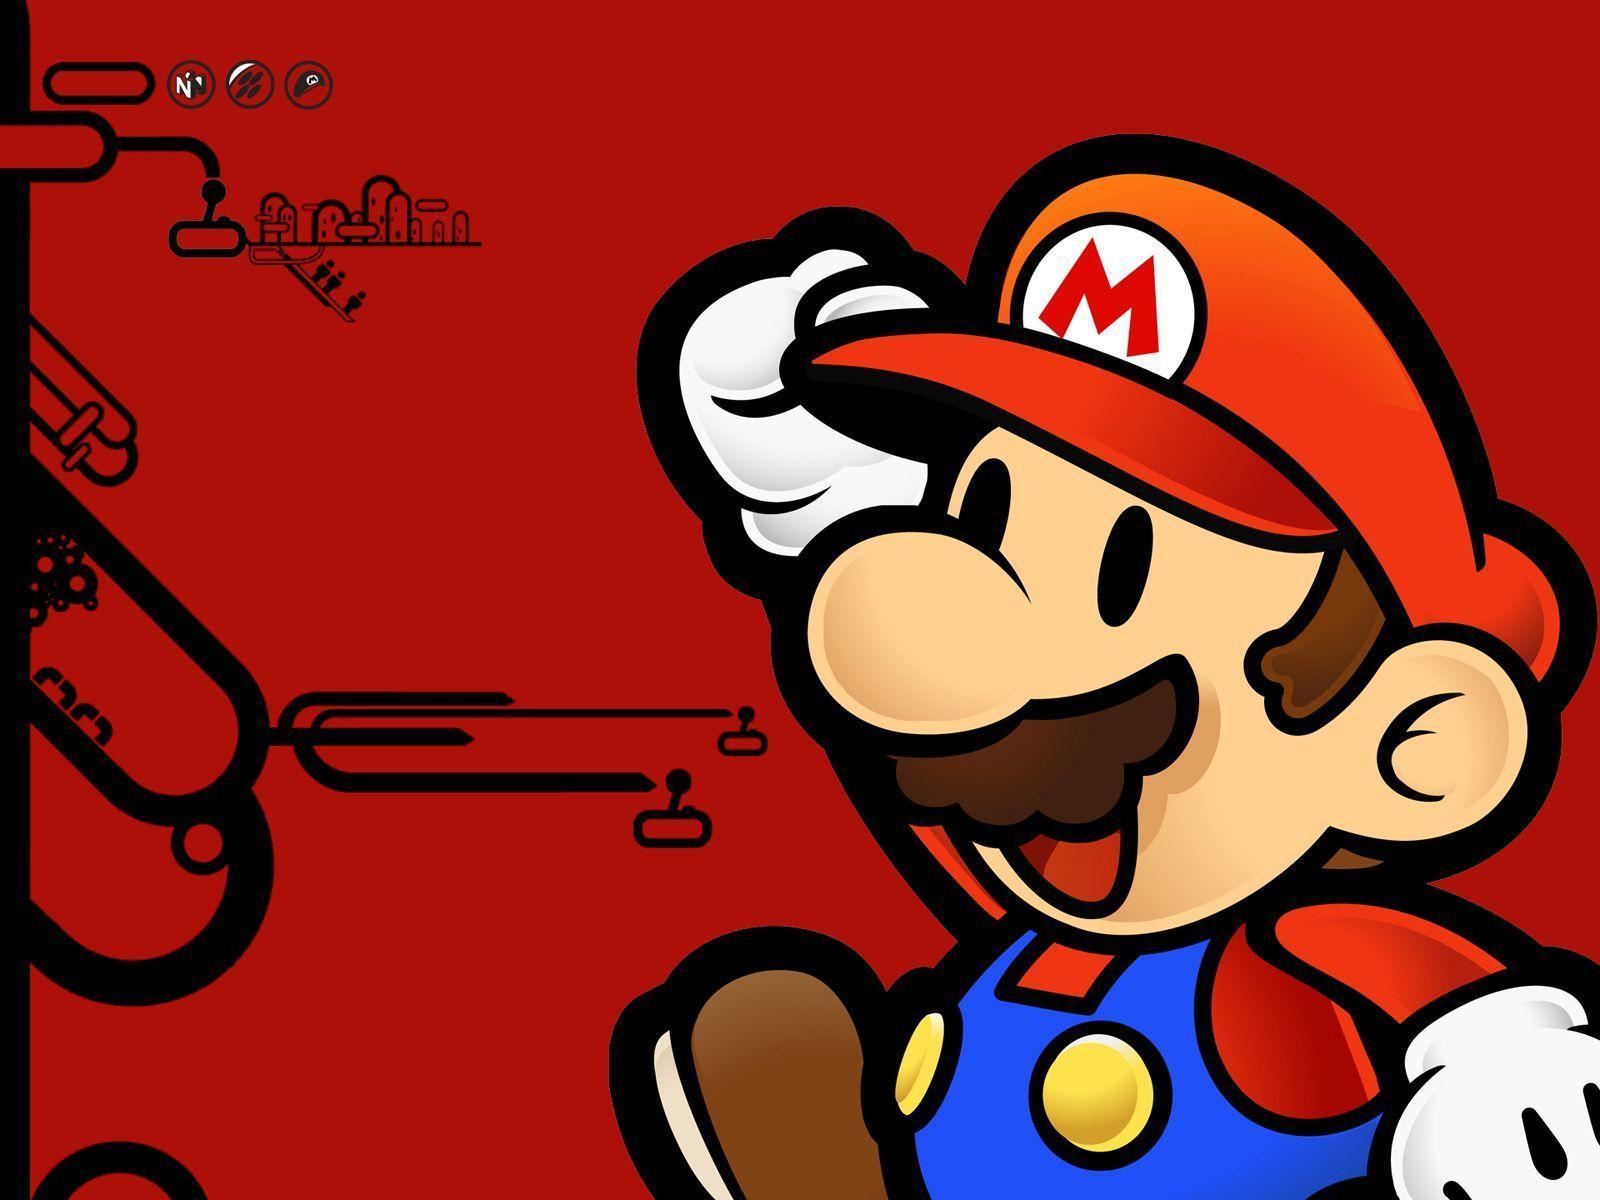 Paper Mario Computer Wallpapers, Desktop Backgrounds 1600x1200 Id ...